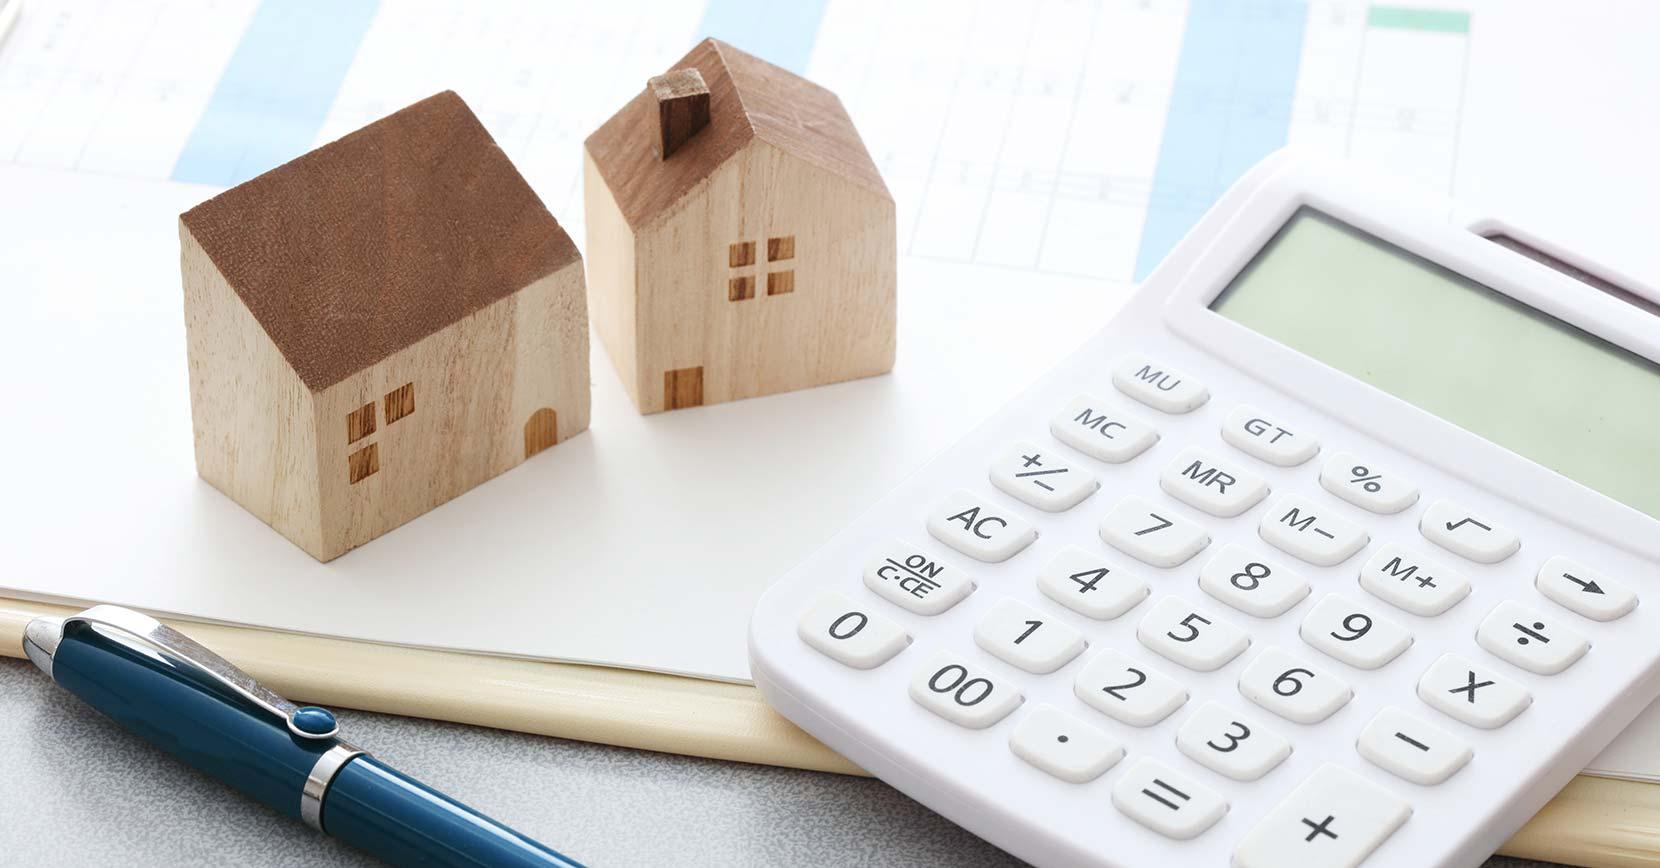 Comprar casa: que impostos é preciso pagar?